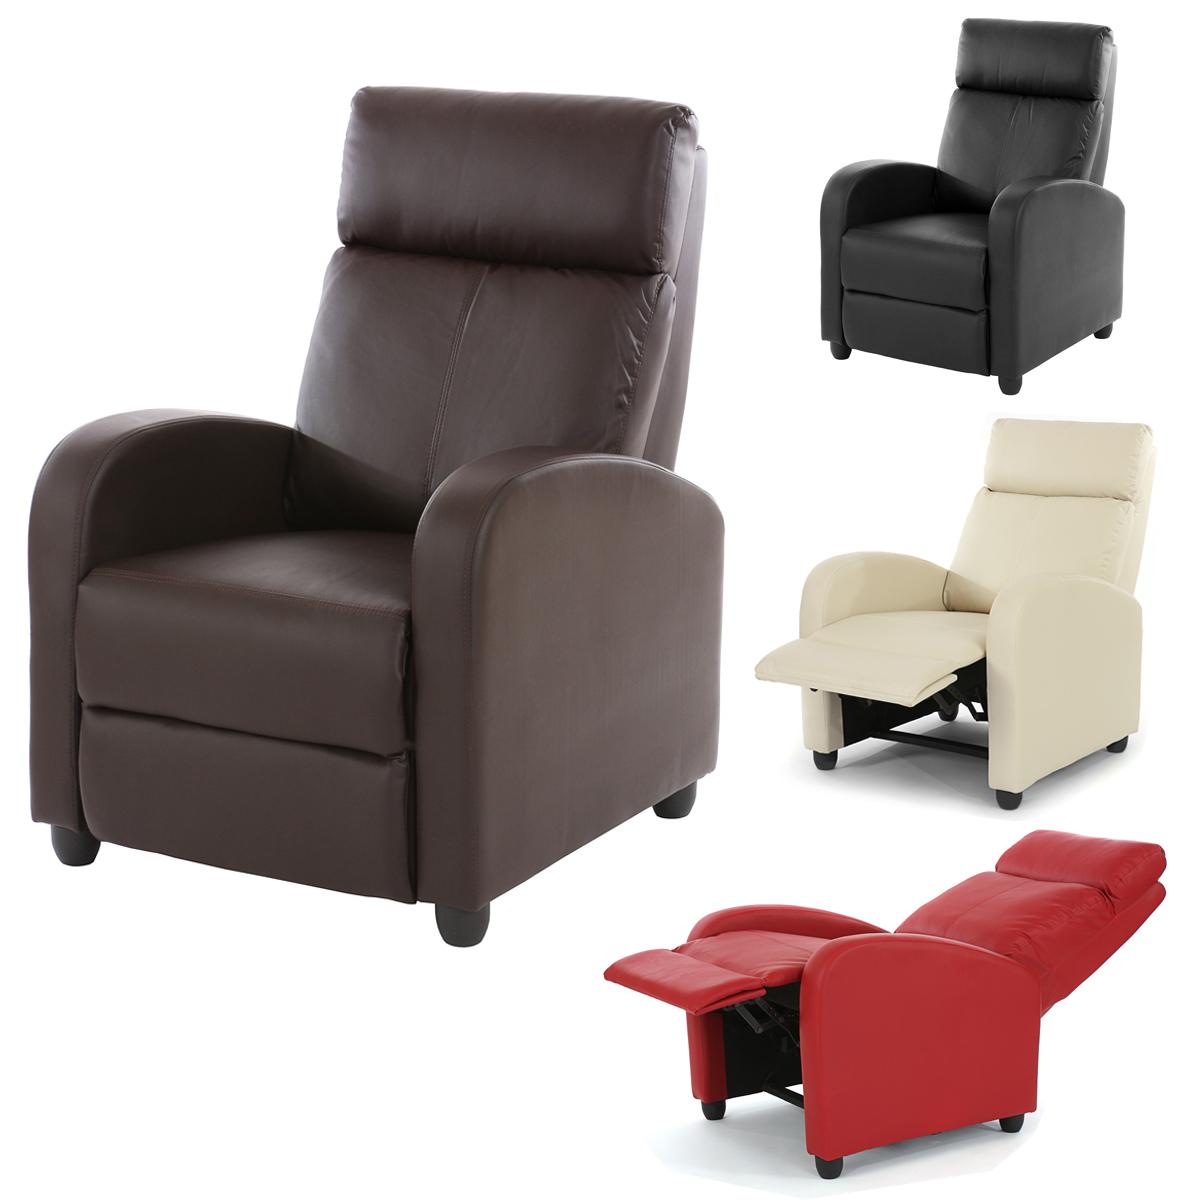 Fernsehsessel Relaxsessel Relaxliege Sessel Denver Kunstleder Ebay